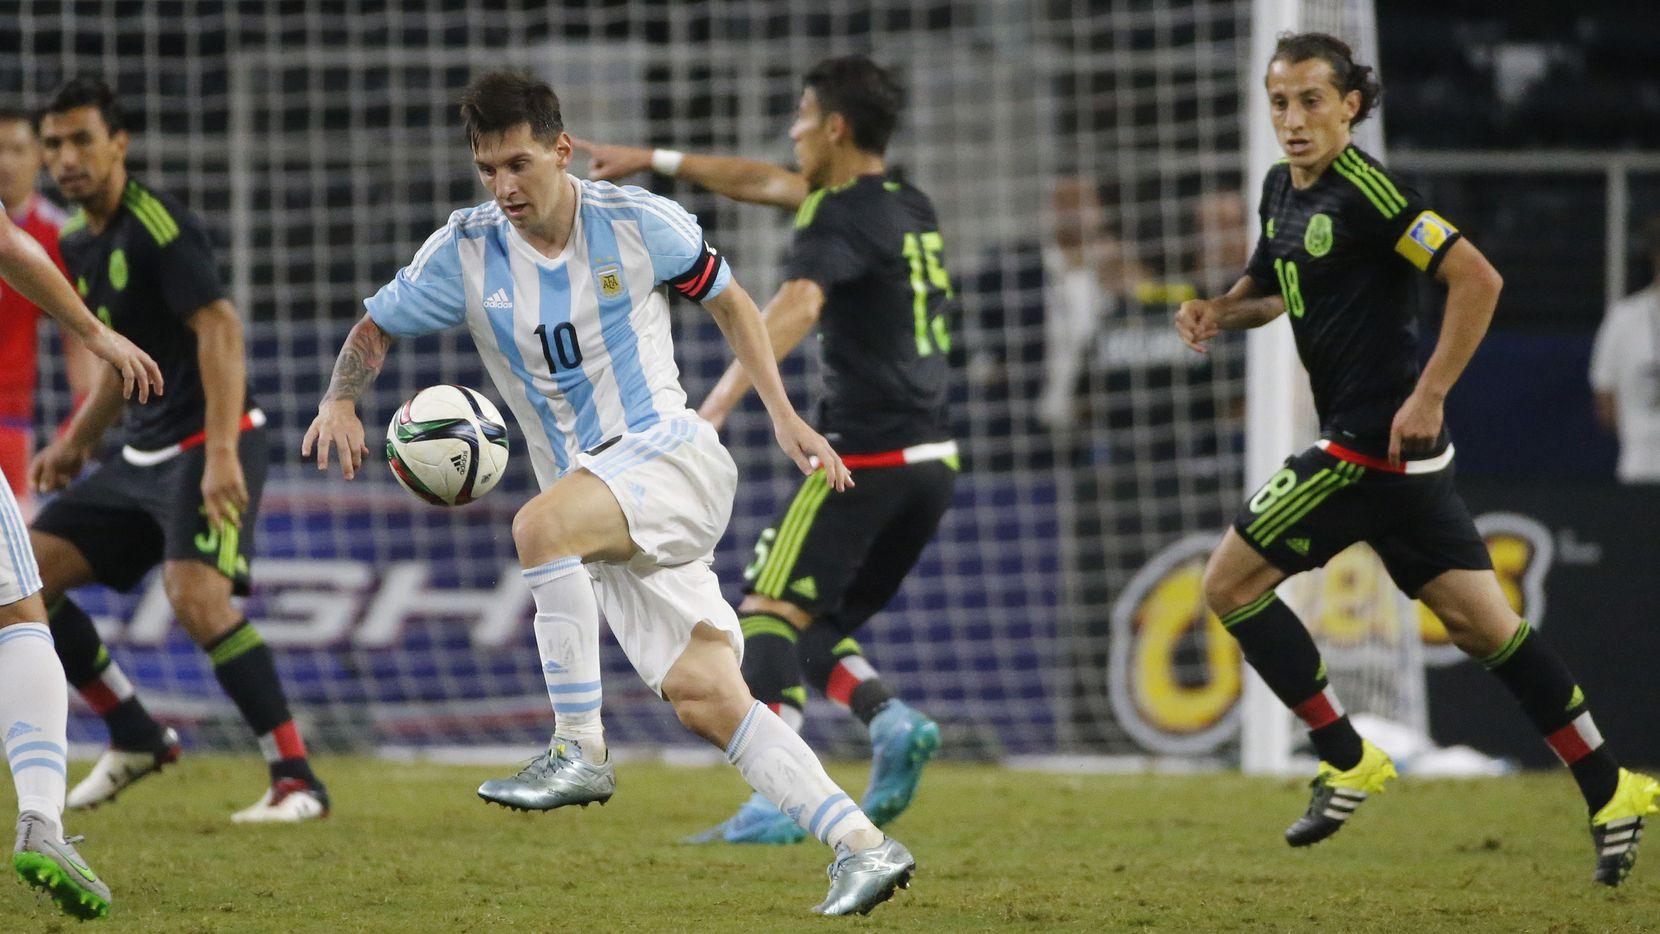 Lionel Messi (10) no estará este martes con Argentina vs. México. En el último juego entre ambas selecciones en Texas. el astro del Barcelona anotó los dos goles de la Albiceleste para el empate 2-2 en 2015 en Arlington.